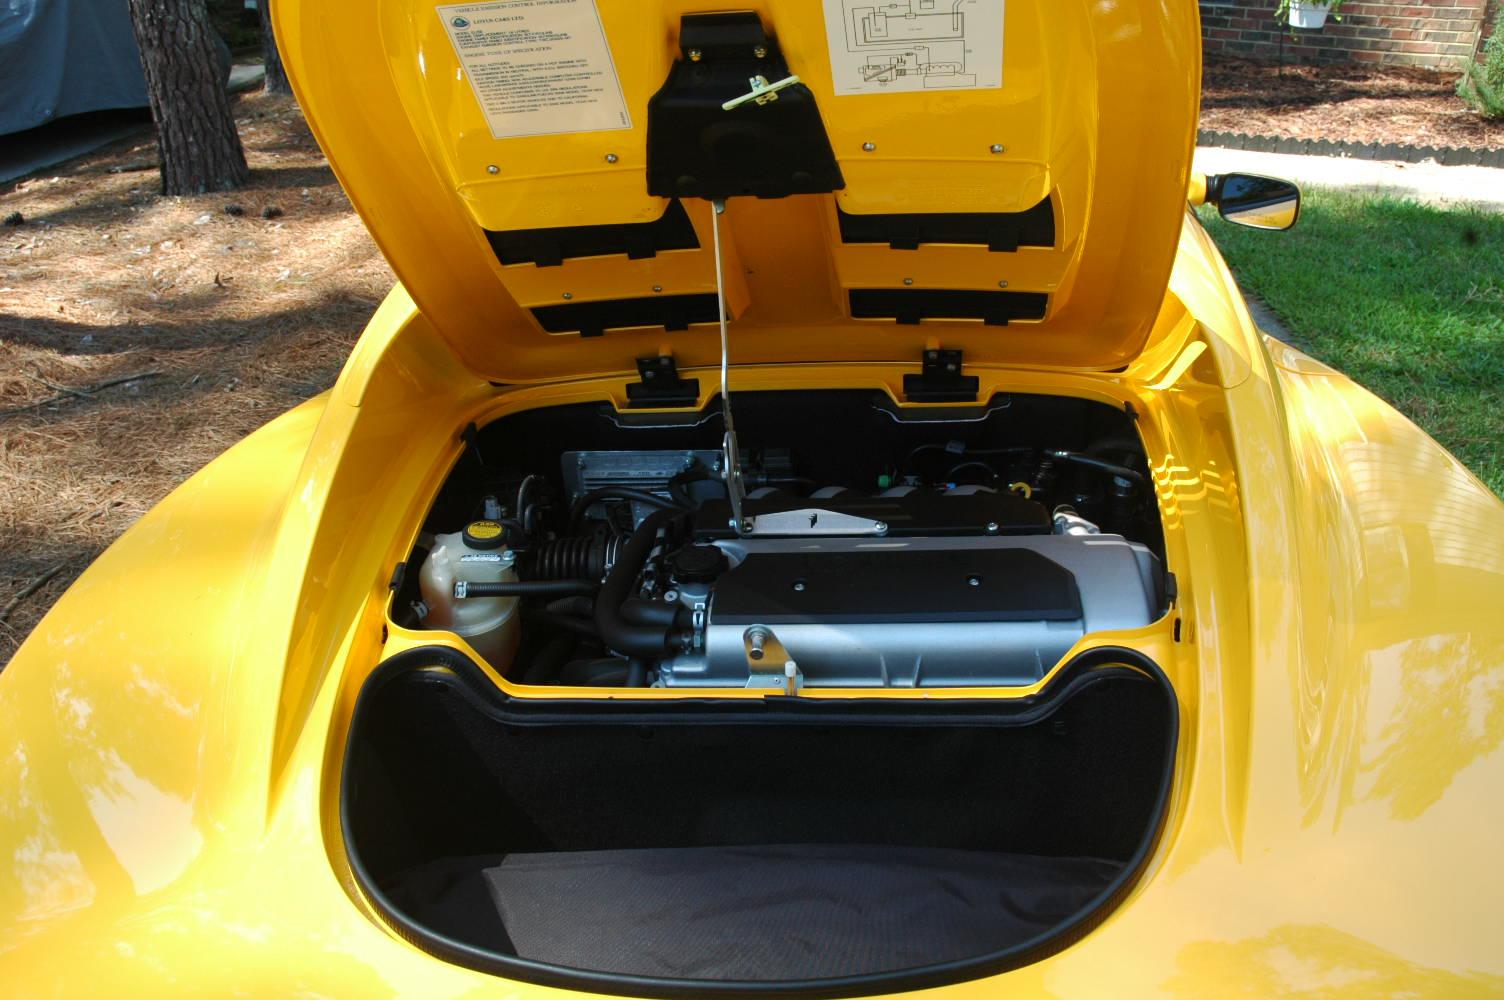 Umberto Sanna prova la Lotus Elise S MY 2013  90042d1220554055-fs-2006-lotus-elise-11350-miles-dsc_0845